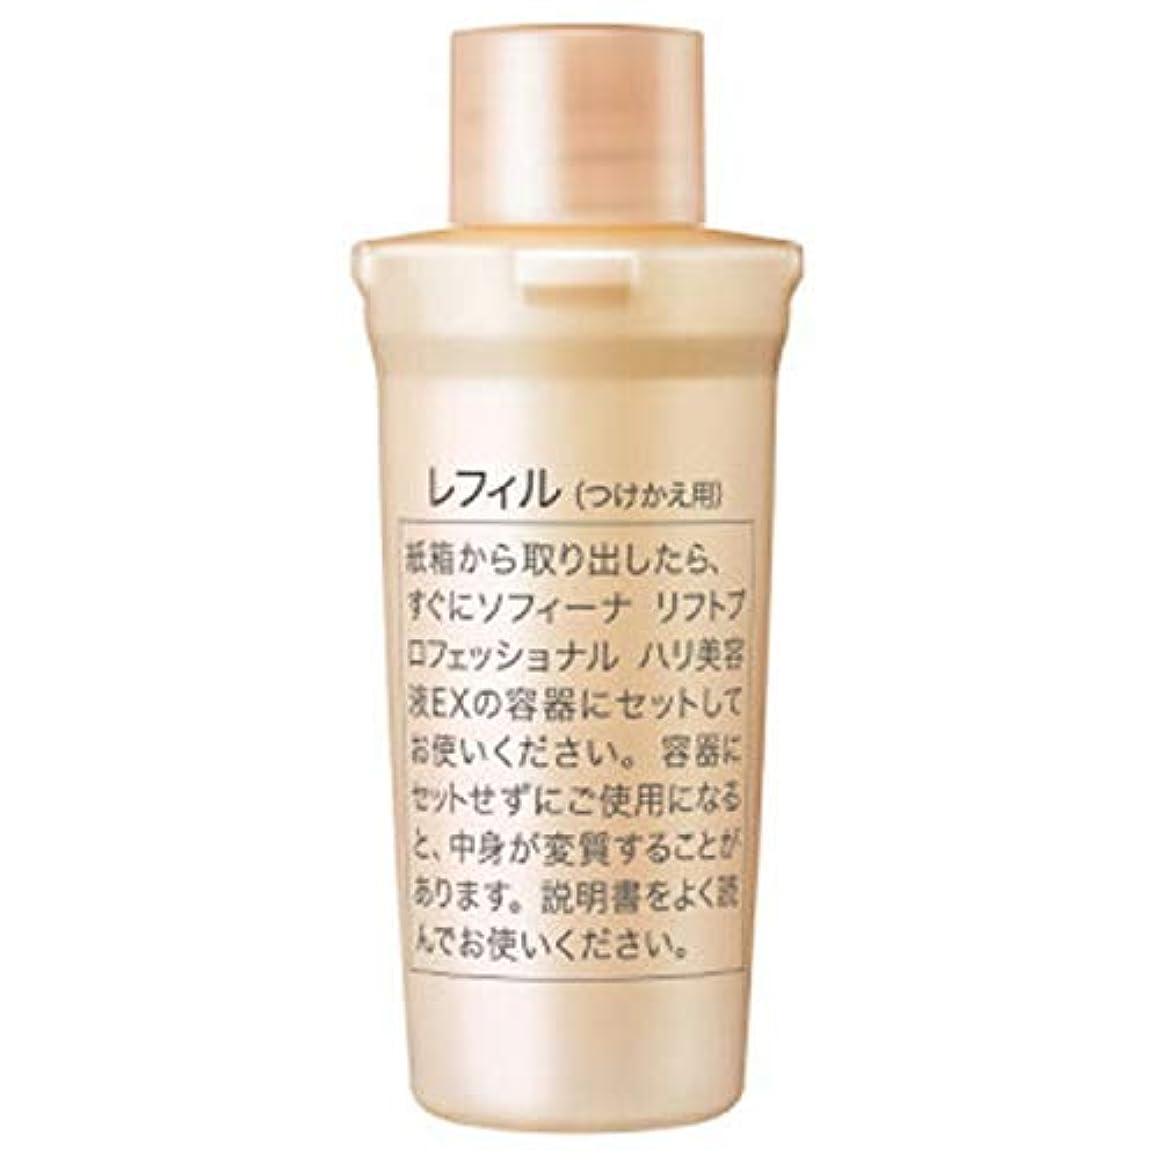 伝統拡大する作ります【花王ソフィーナ】ソフィーナ リフトプロフェッショナル ハリ美容液 EX (リフィル) 40g